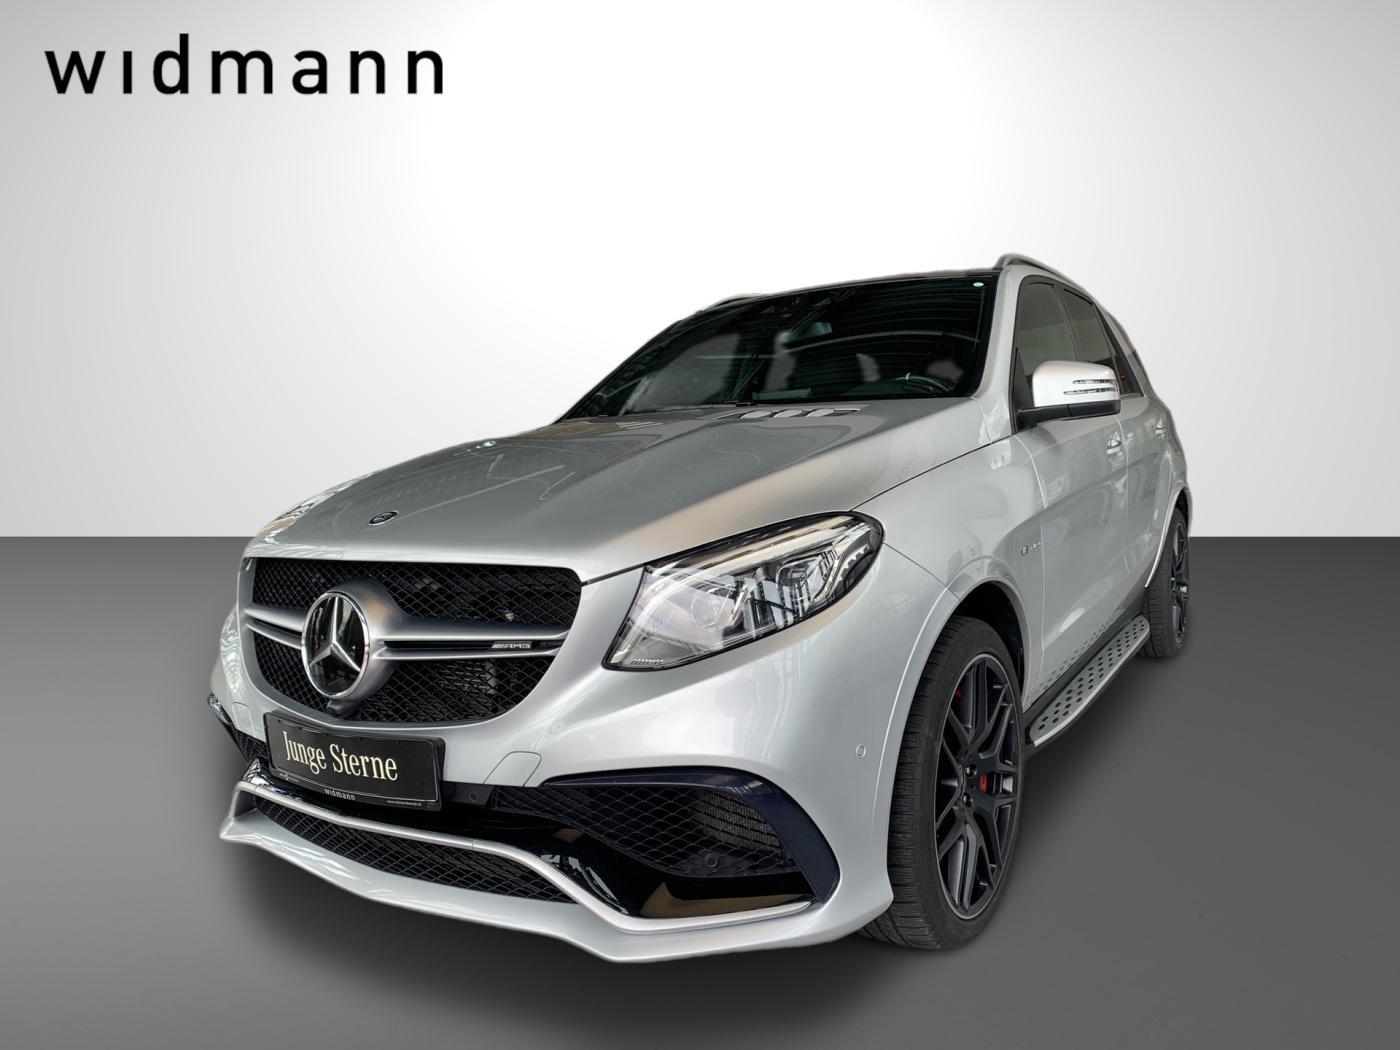 Mercedes-Benz GLE 63 AMG S 4M Comand*AHK*Standhzg*ILS*DriversP, Jahr 2016, Benzin